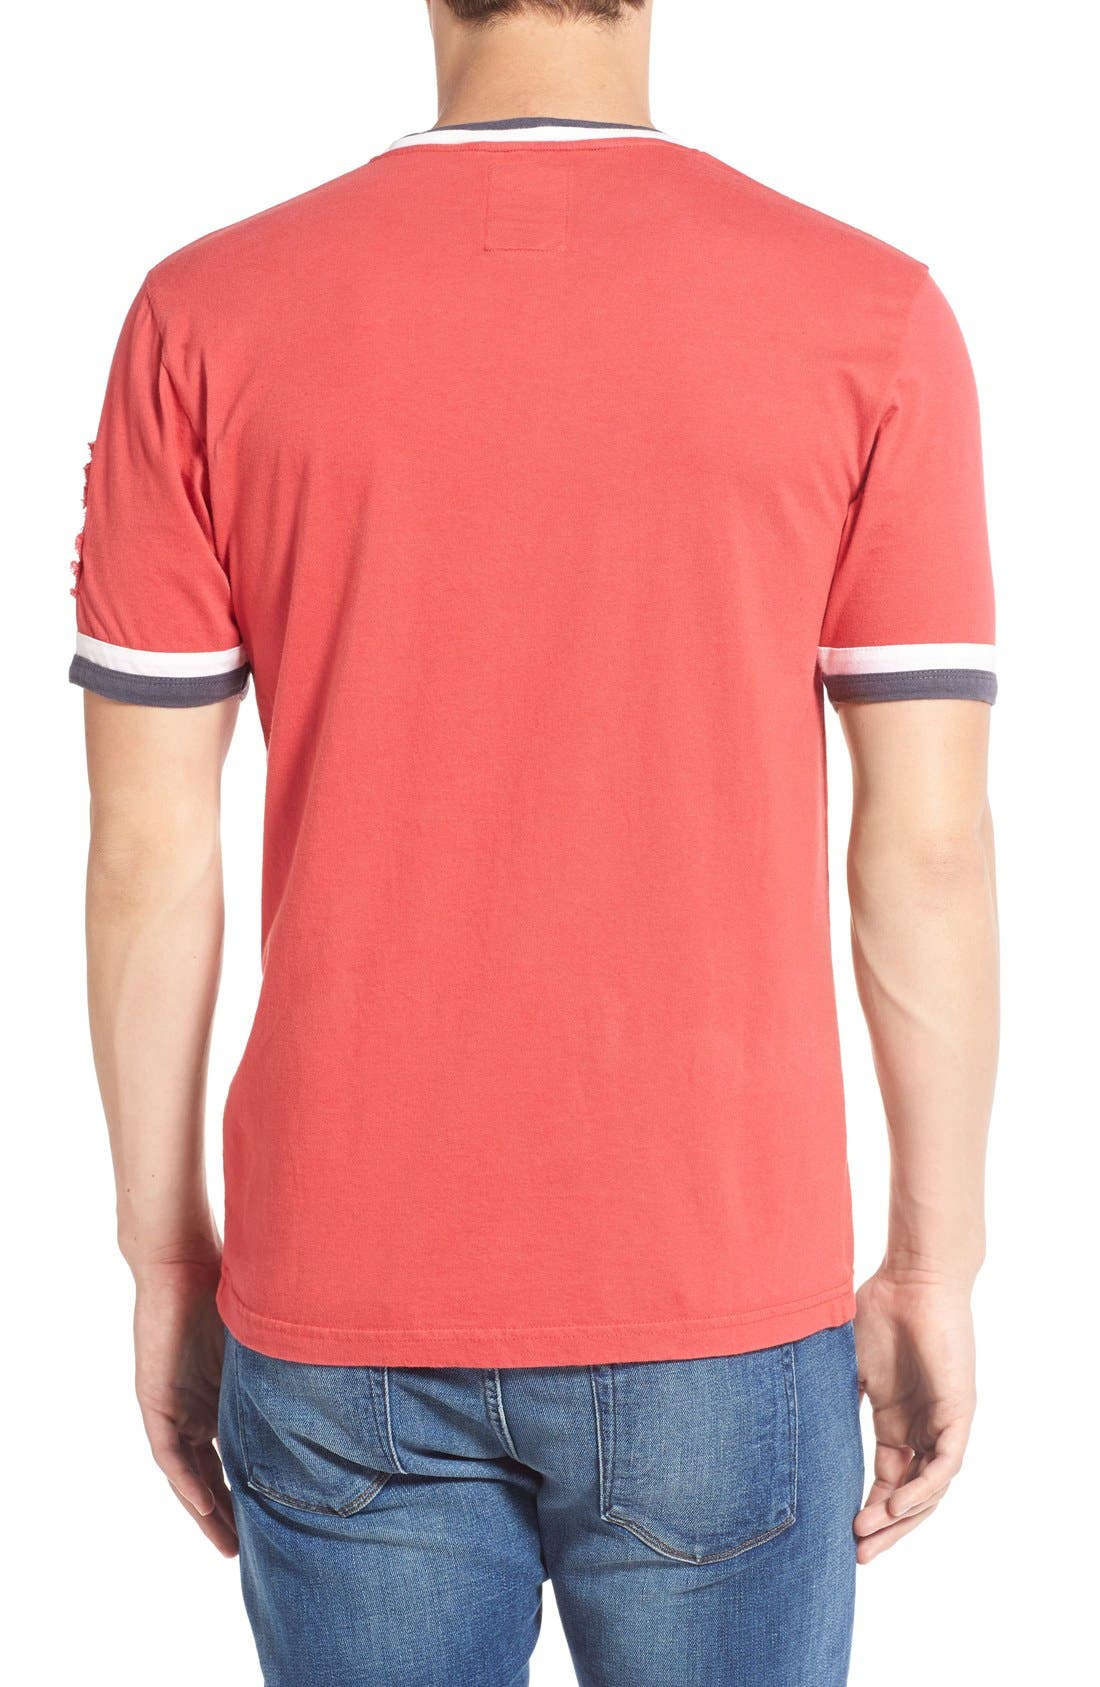 Alternate Image 2  - Red Jacket 'Saint Louis Cardinals - Remote Control' Trim Fit T-Shirt